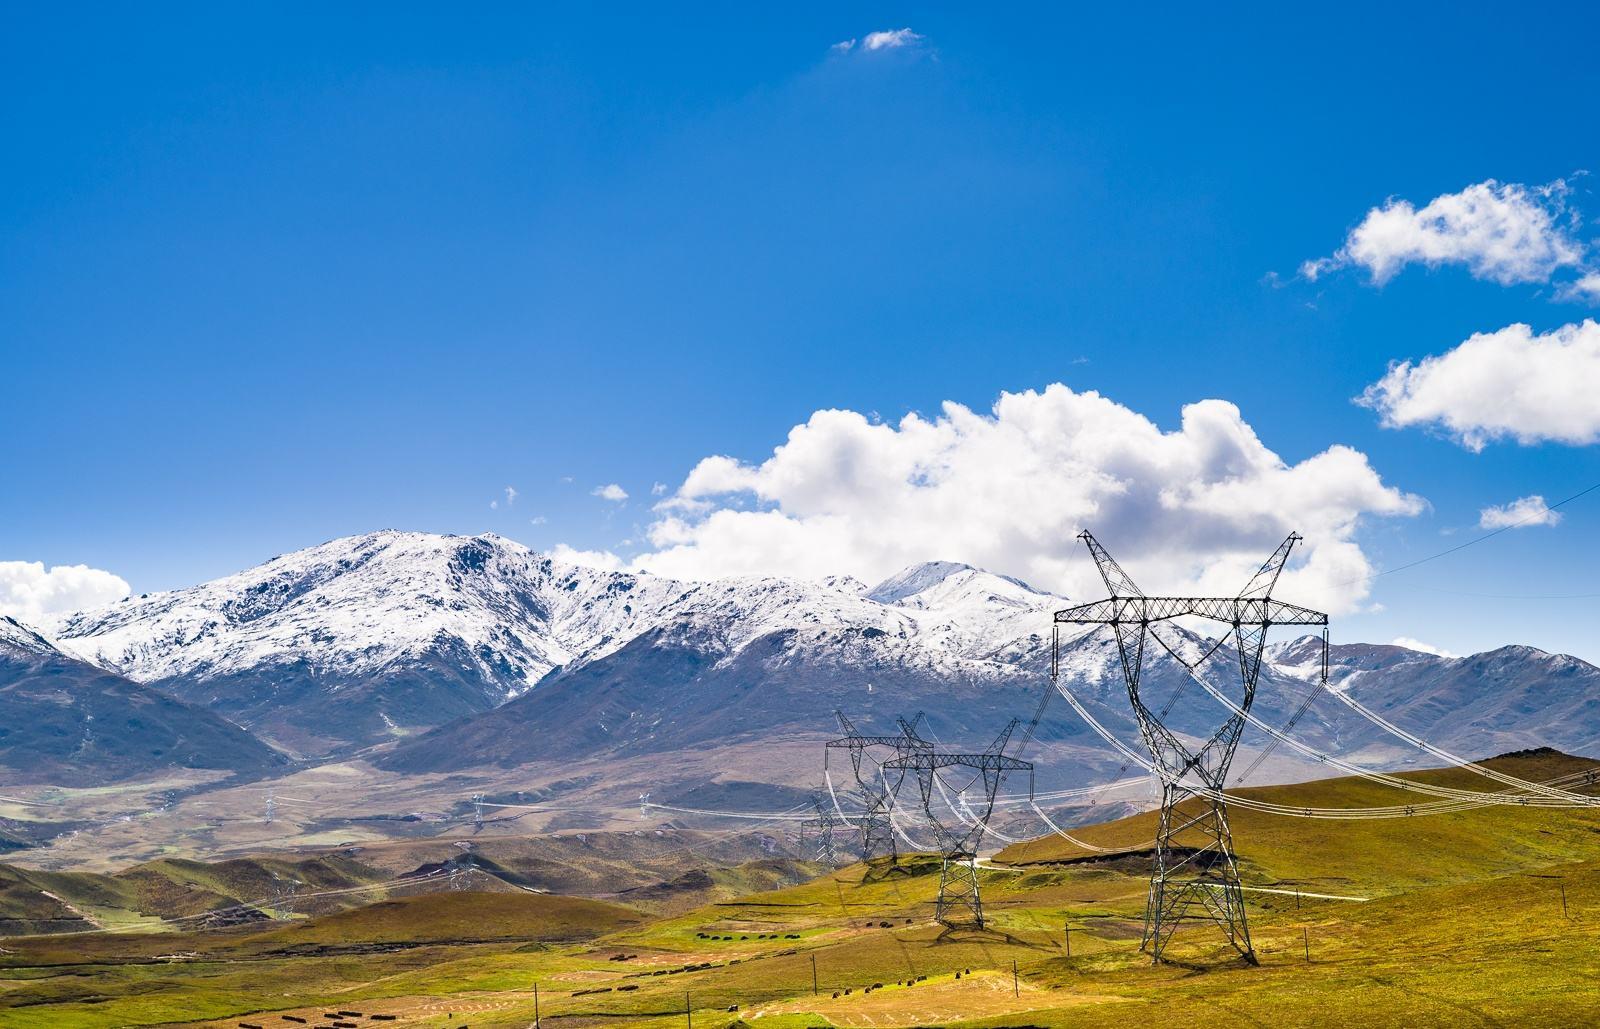 国网助力西藏农村电网建设 助力脱贫攻坚